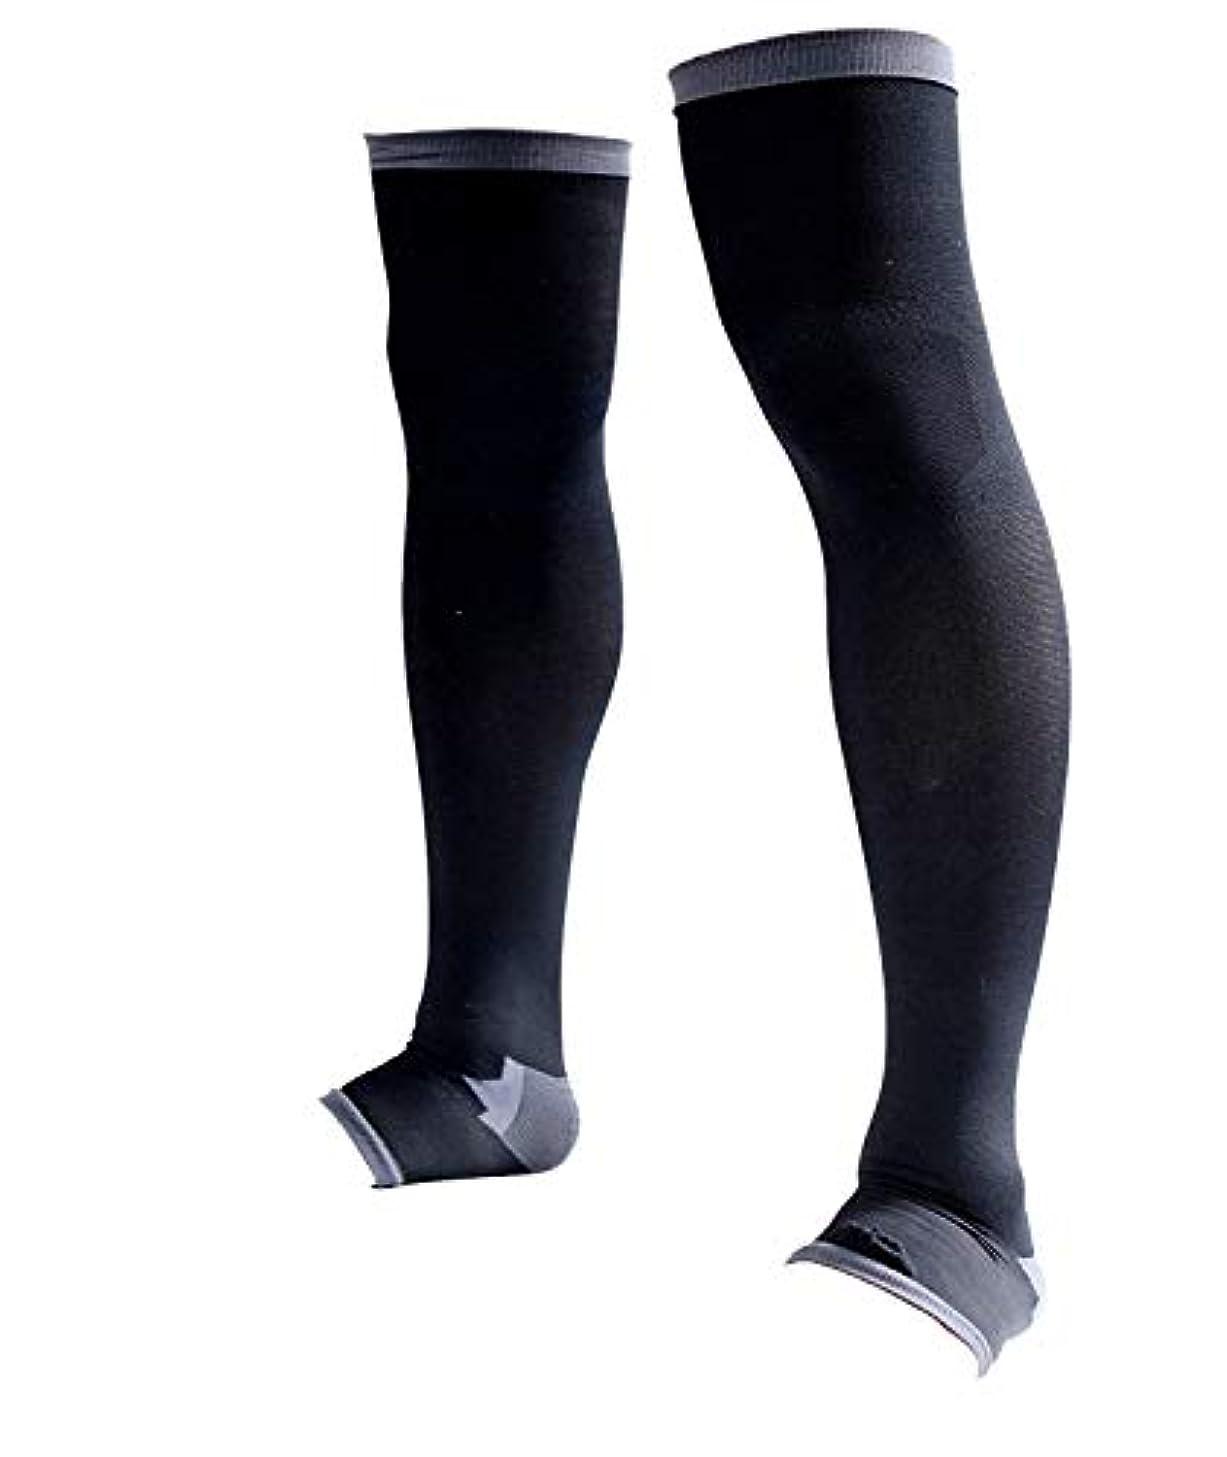 再撮り学ぶ野心的男性専用脚すっきり対策オープントゥ着圧ソックス 膝上 L-LL 順天堂大学客員教授推奨